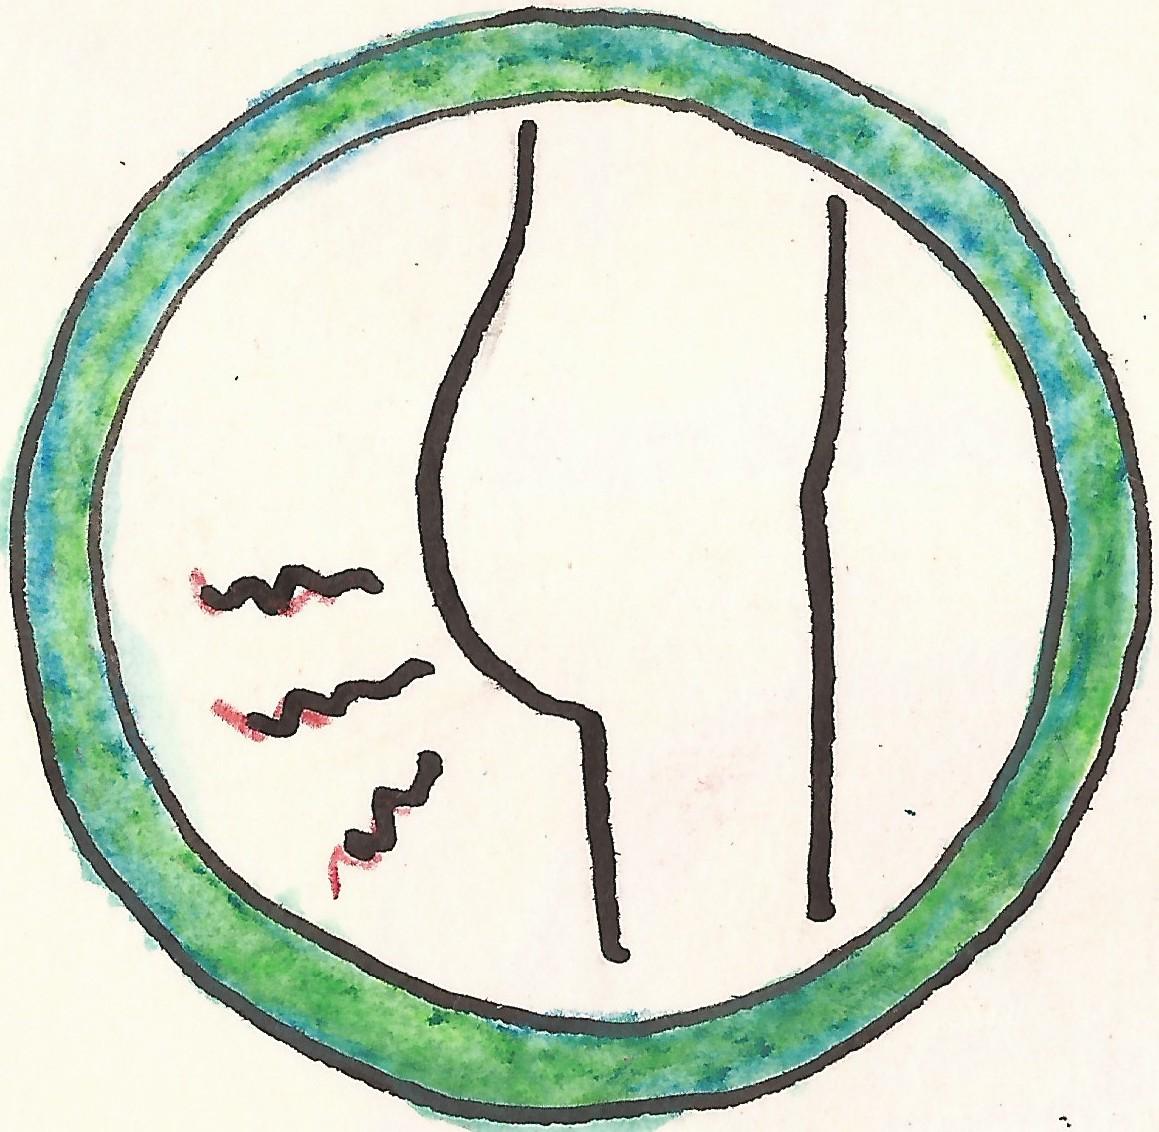 piktogram bolesti kolem ritniho otvoru zelená